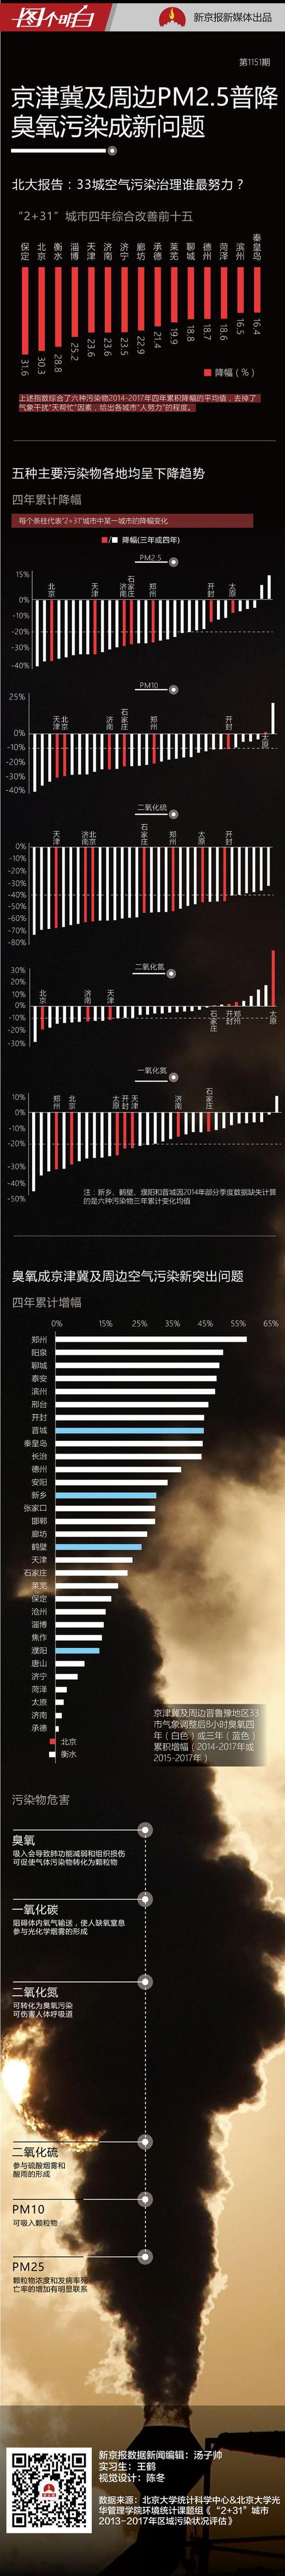 京津冀臭氧污染逆势上涨 夏季最严重